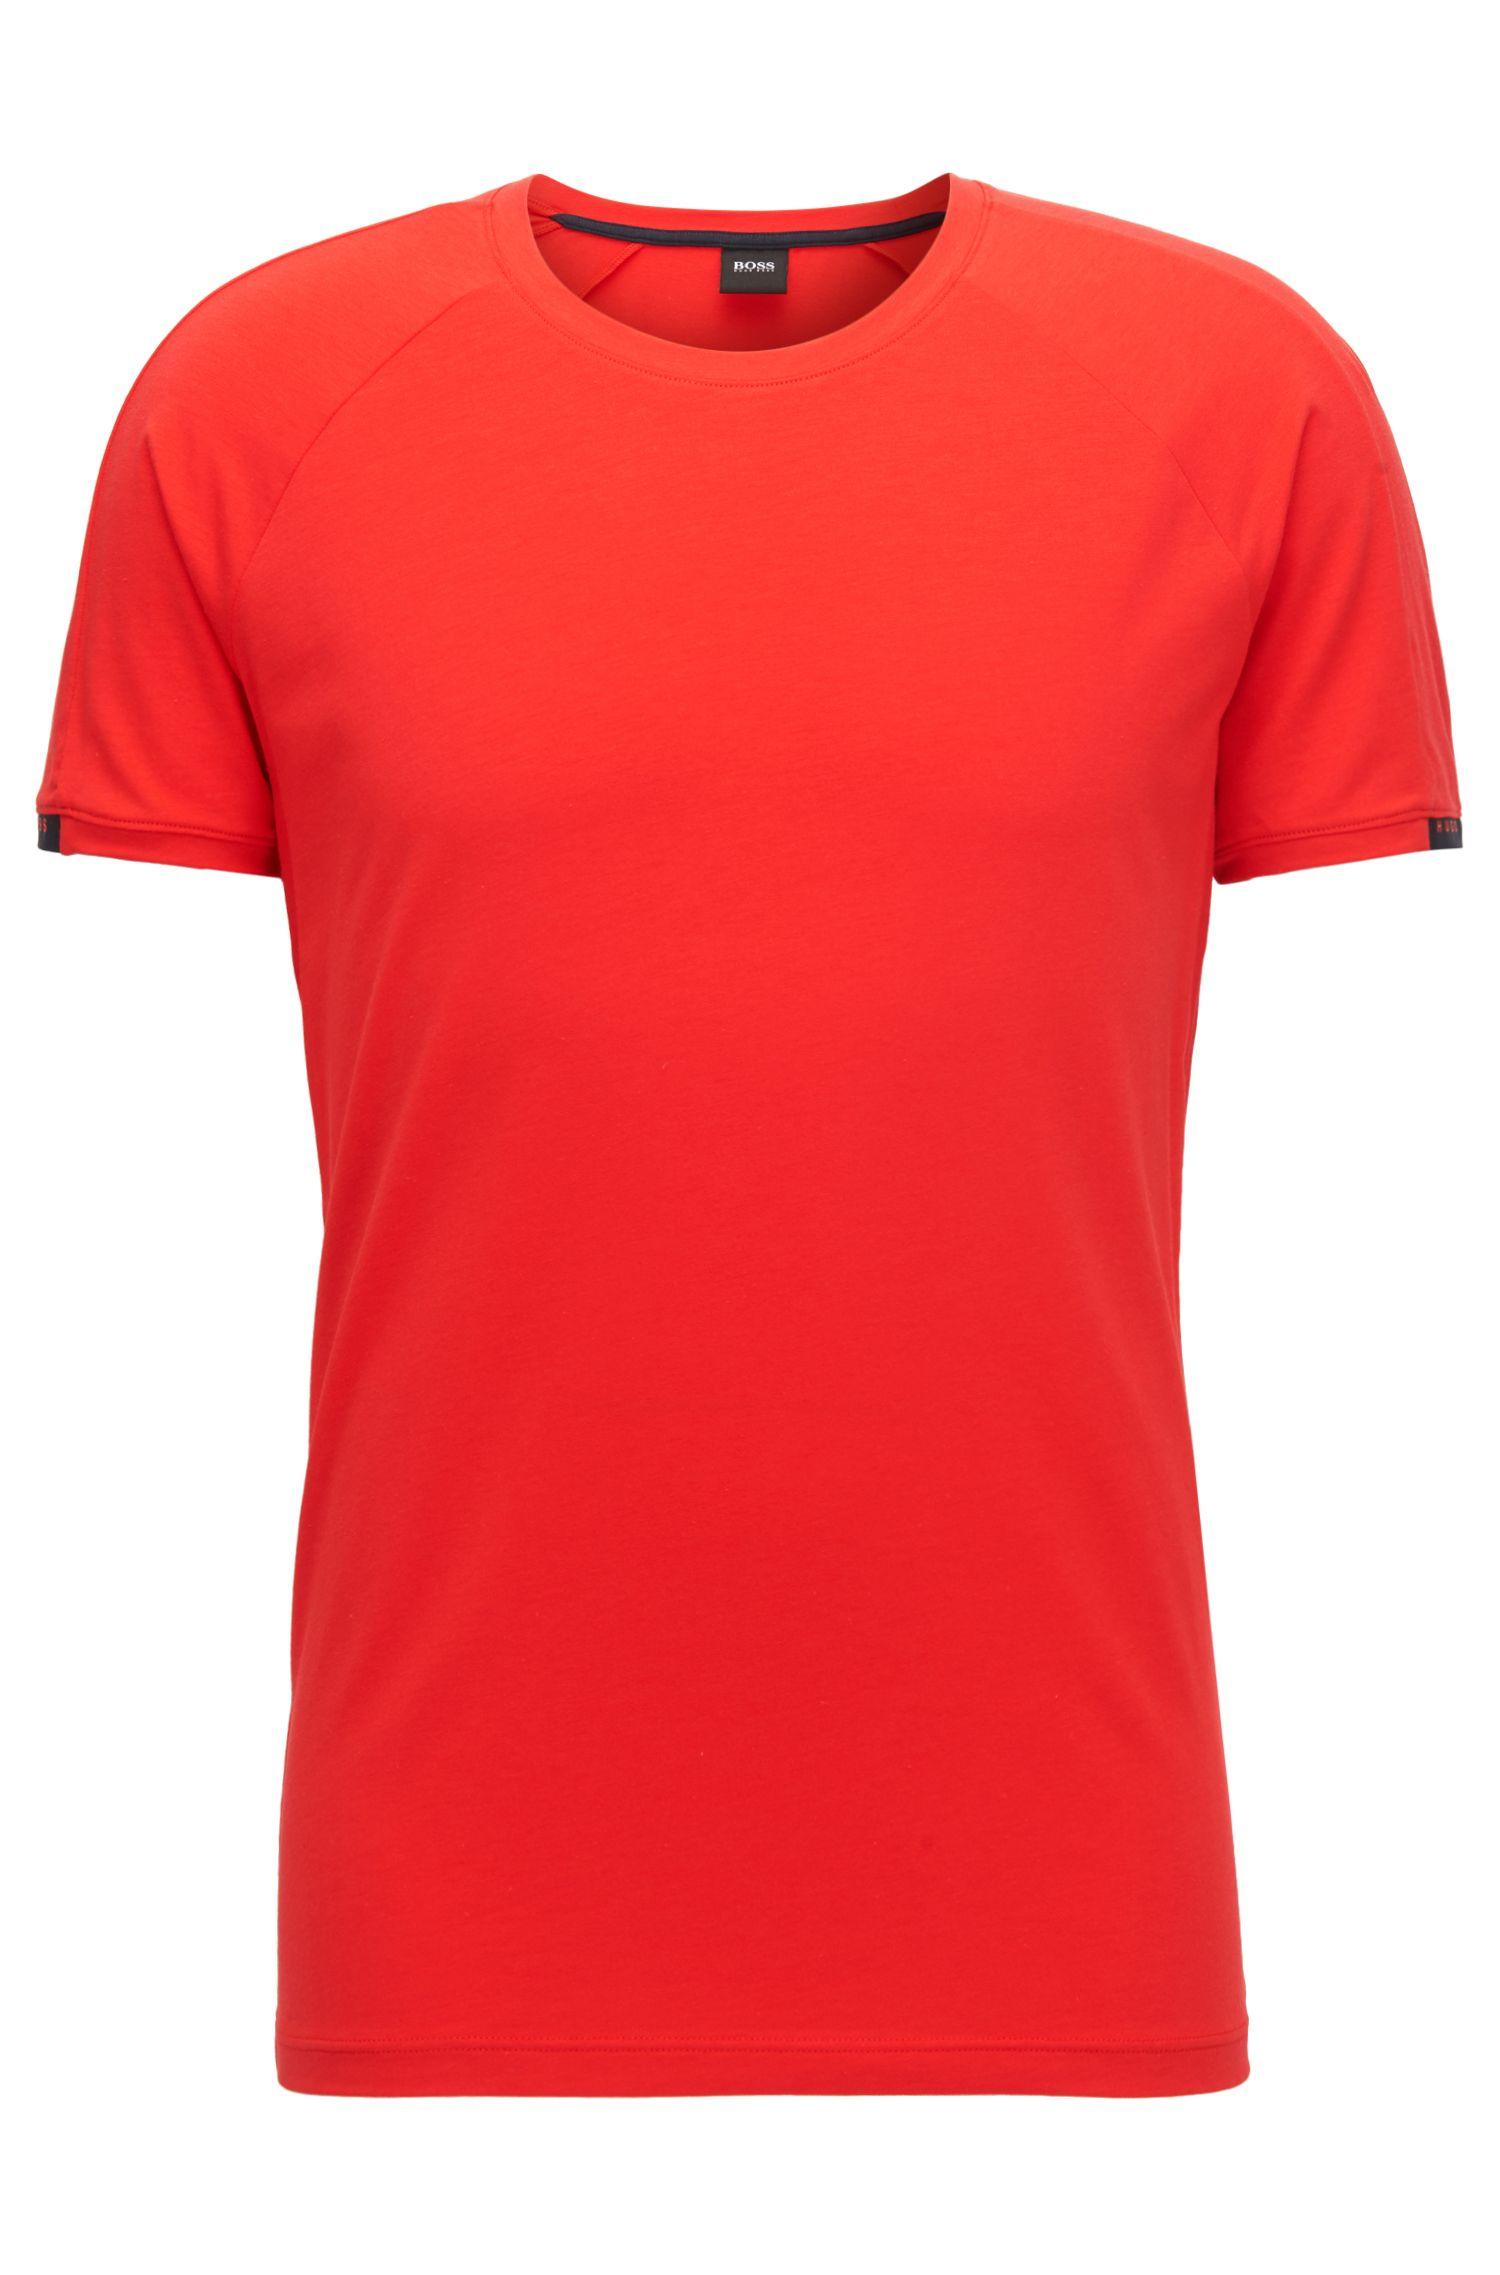 Camiseta interior de cuello redondo en tejido de punto elástico